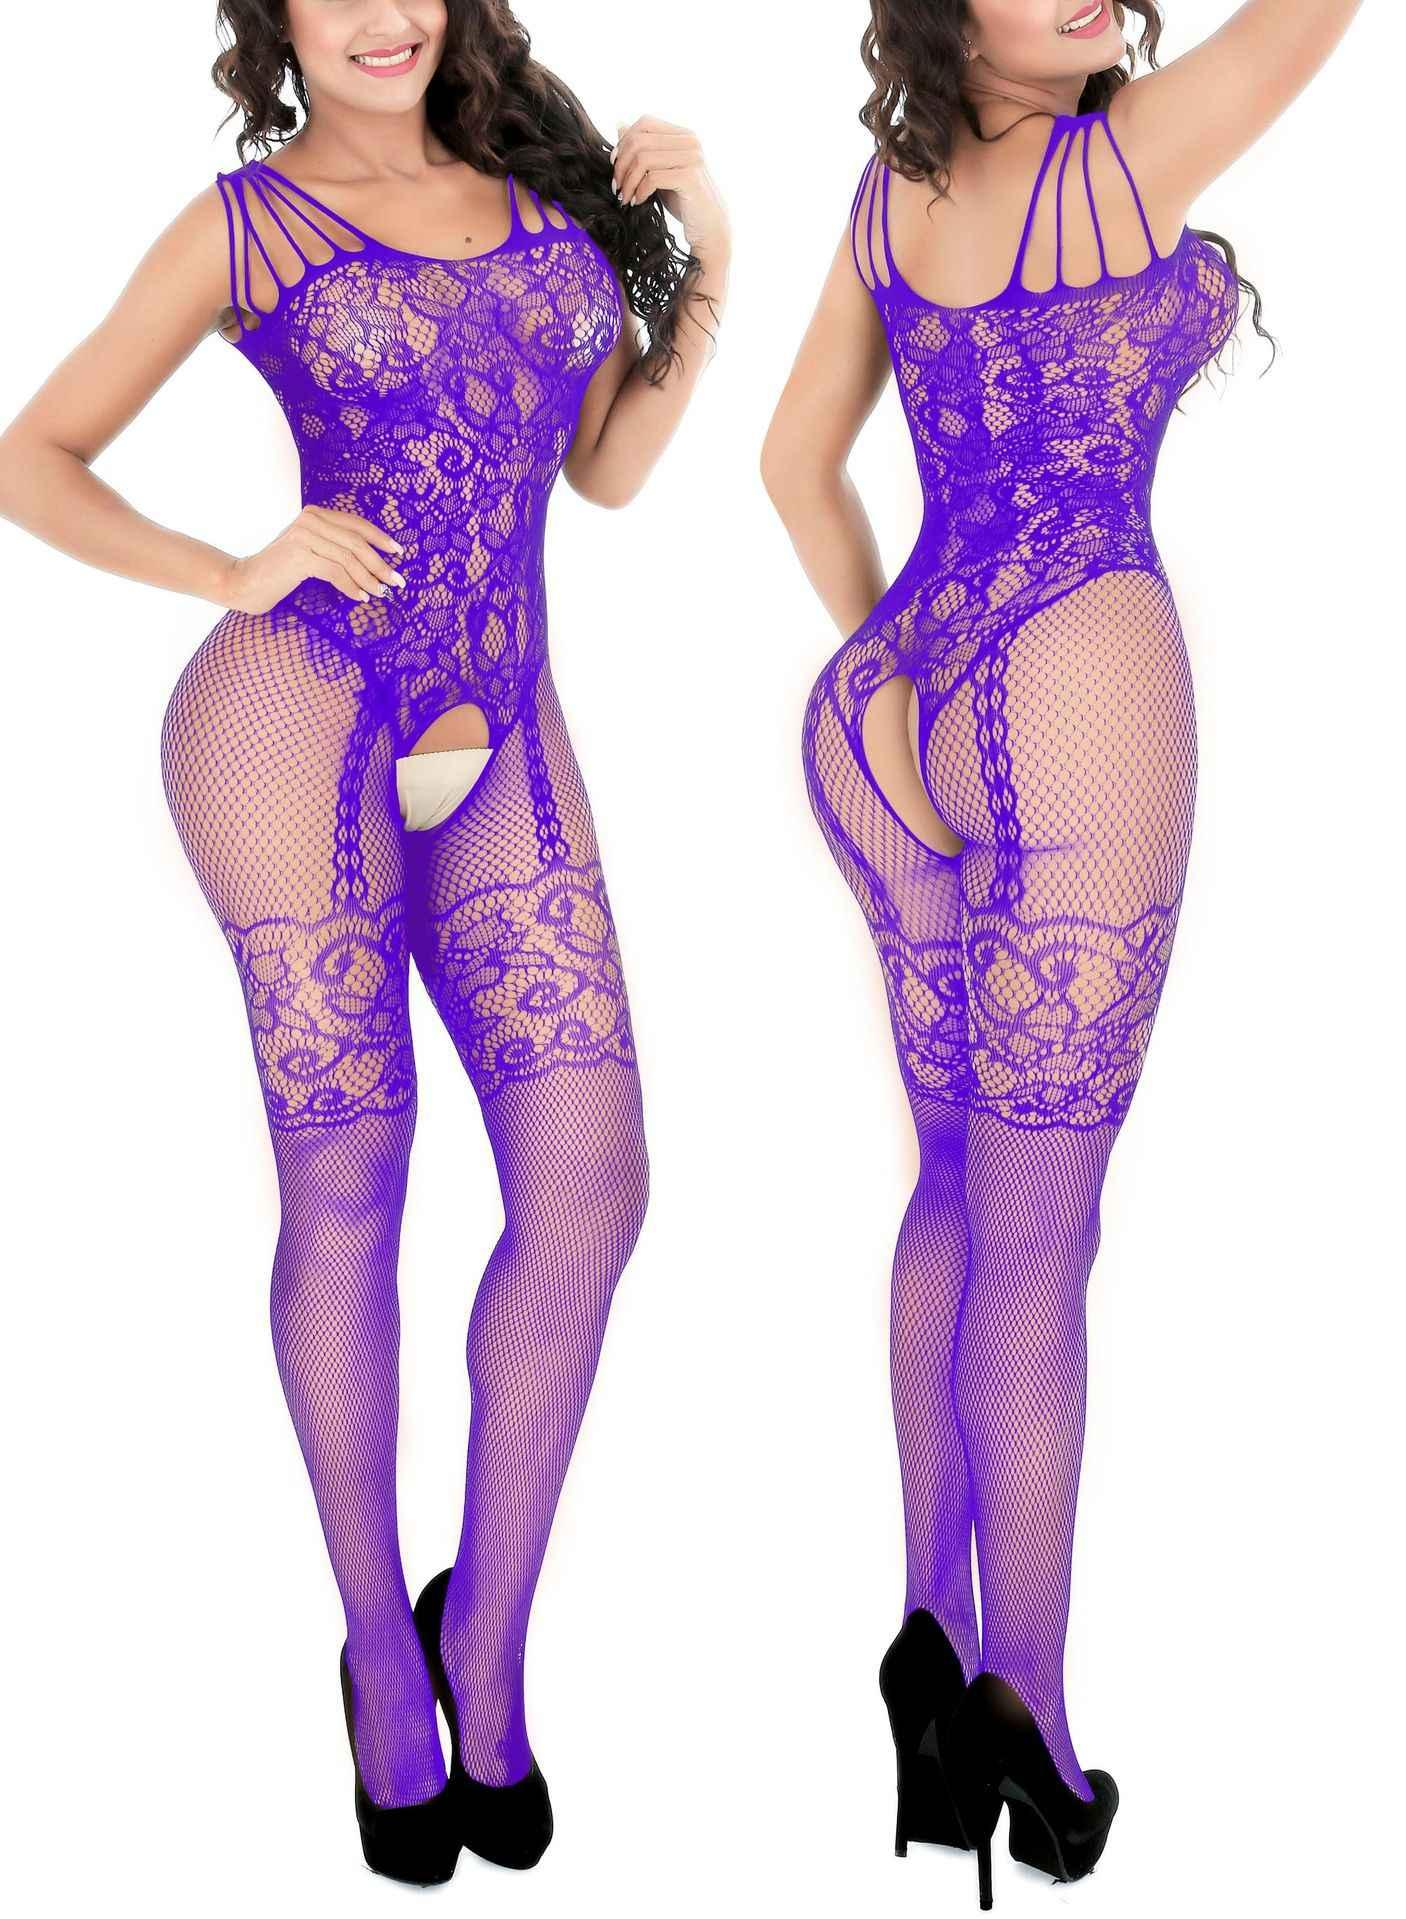 Sexy Fishnet Bodysuit mujer Jacquard ver a través de la entrepierna abierta cuerpo medias malla hueco talla grande Lencería disfraces eróticos